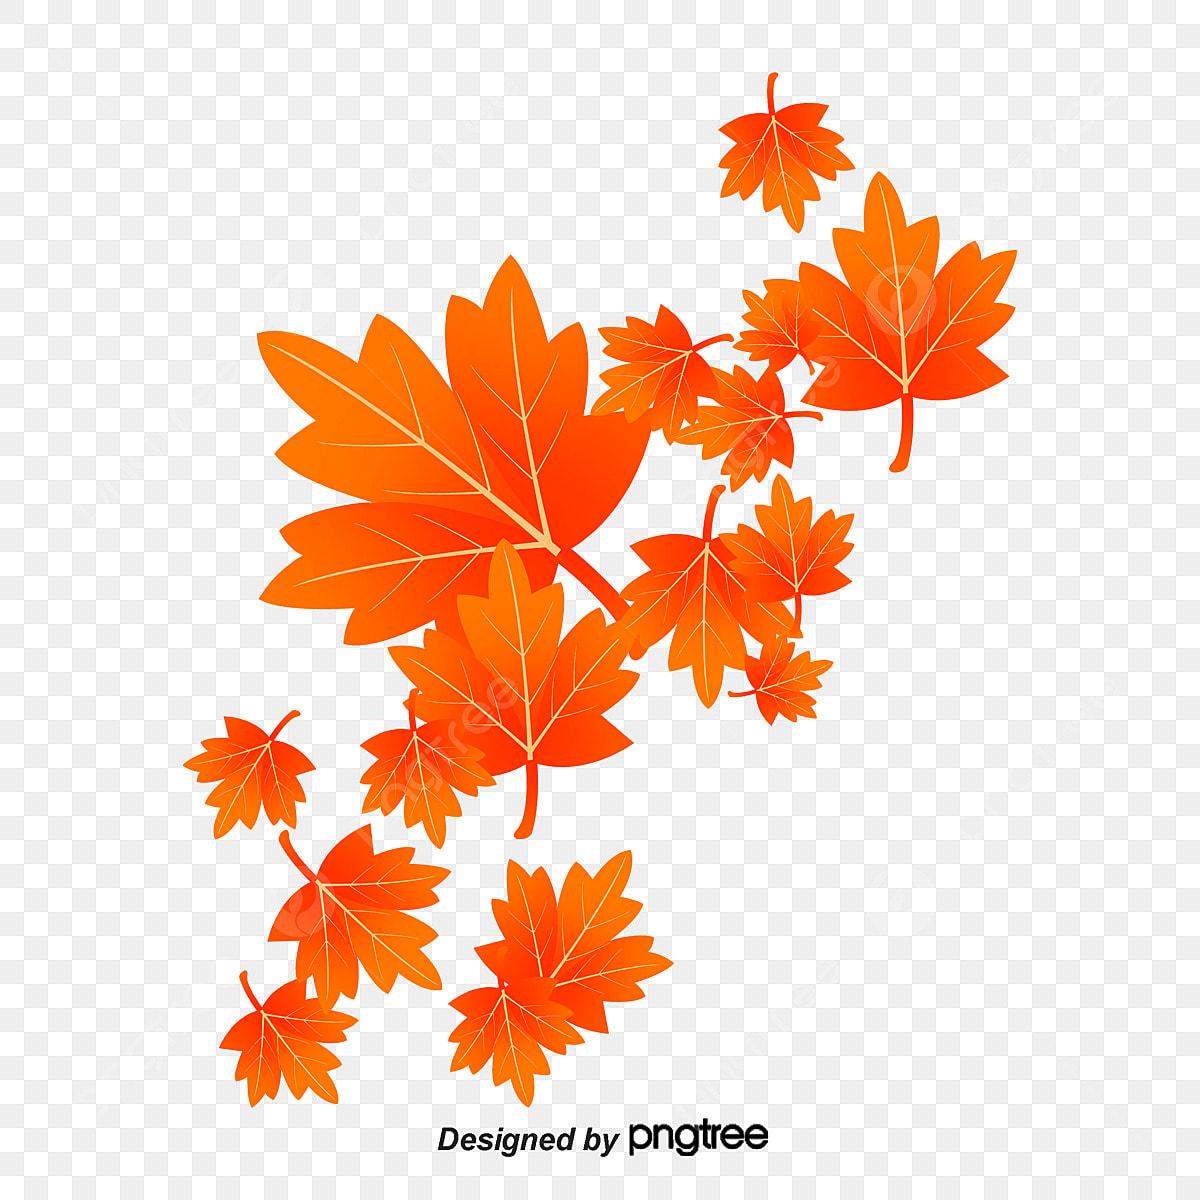 Hojas de oto o fall defoliaci n oto o png y vector para - Descargar autumn leaves ...